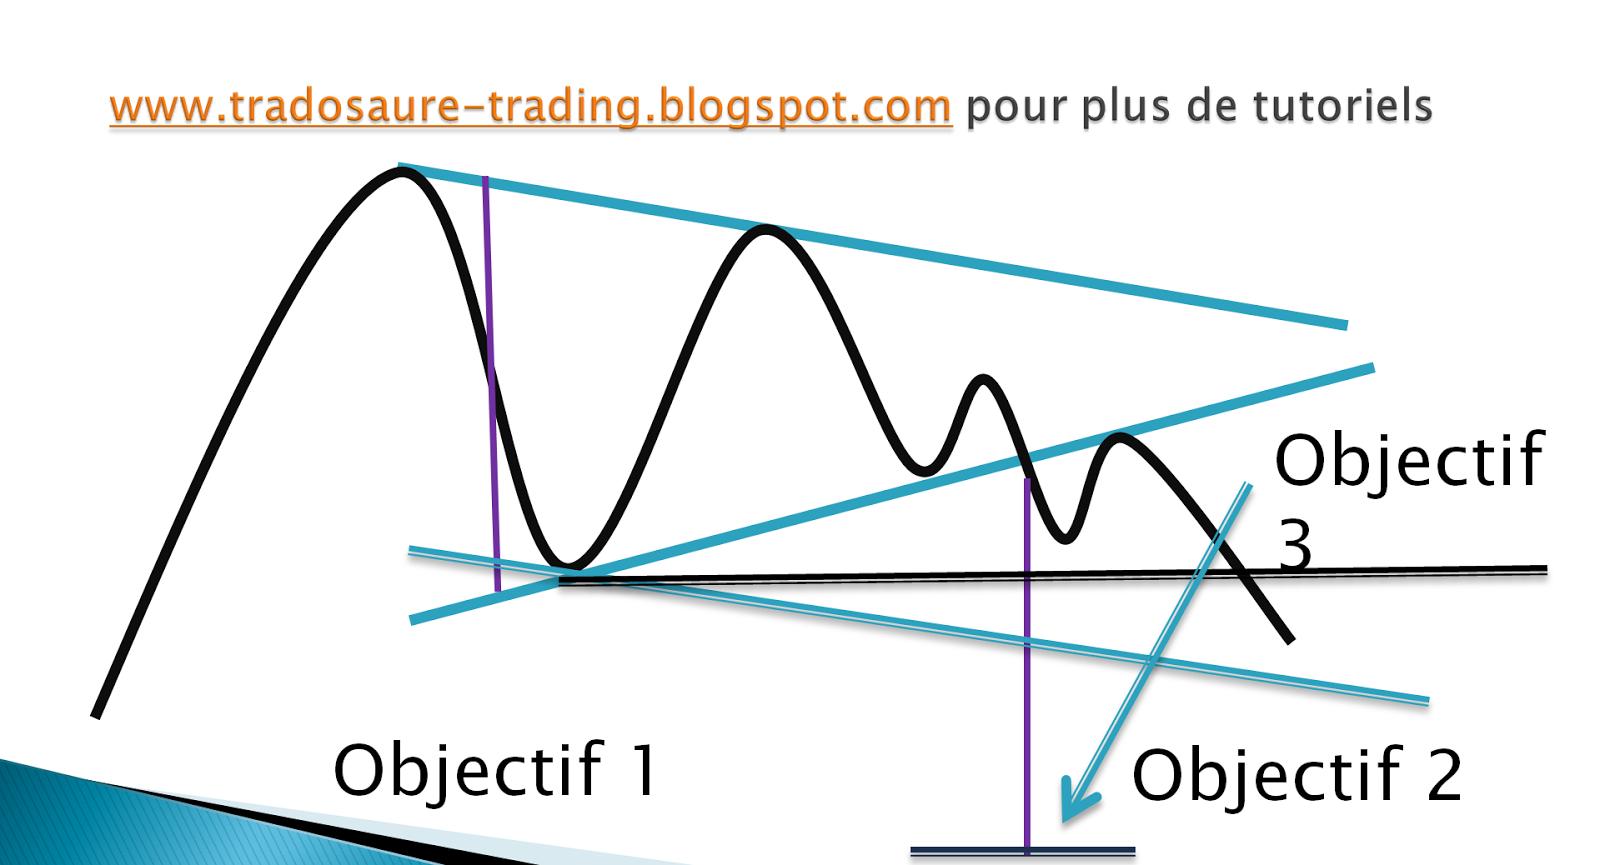 Jul 09, · Le module de Trading Automatique de la plateforme ProRealTime vous permet de créer des systèmes de trading sans devoir créer une seule ligne de code. Category Education.